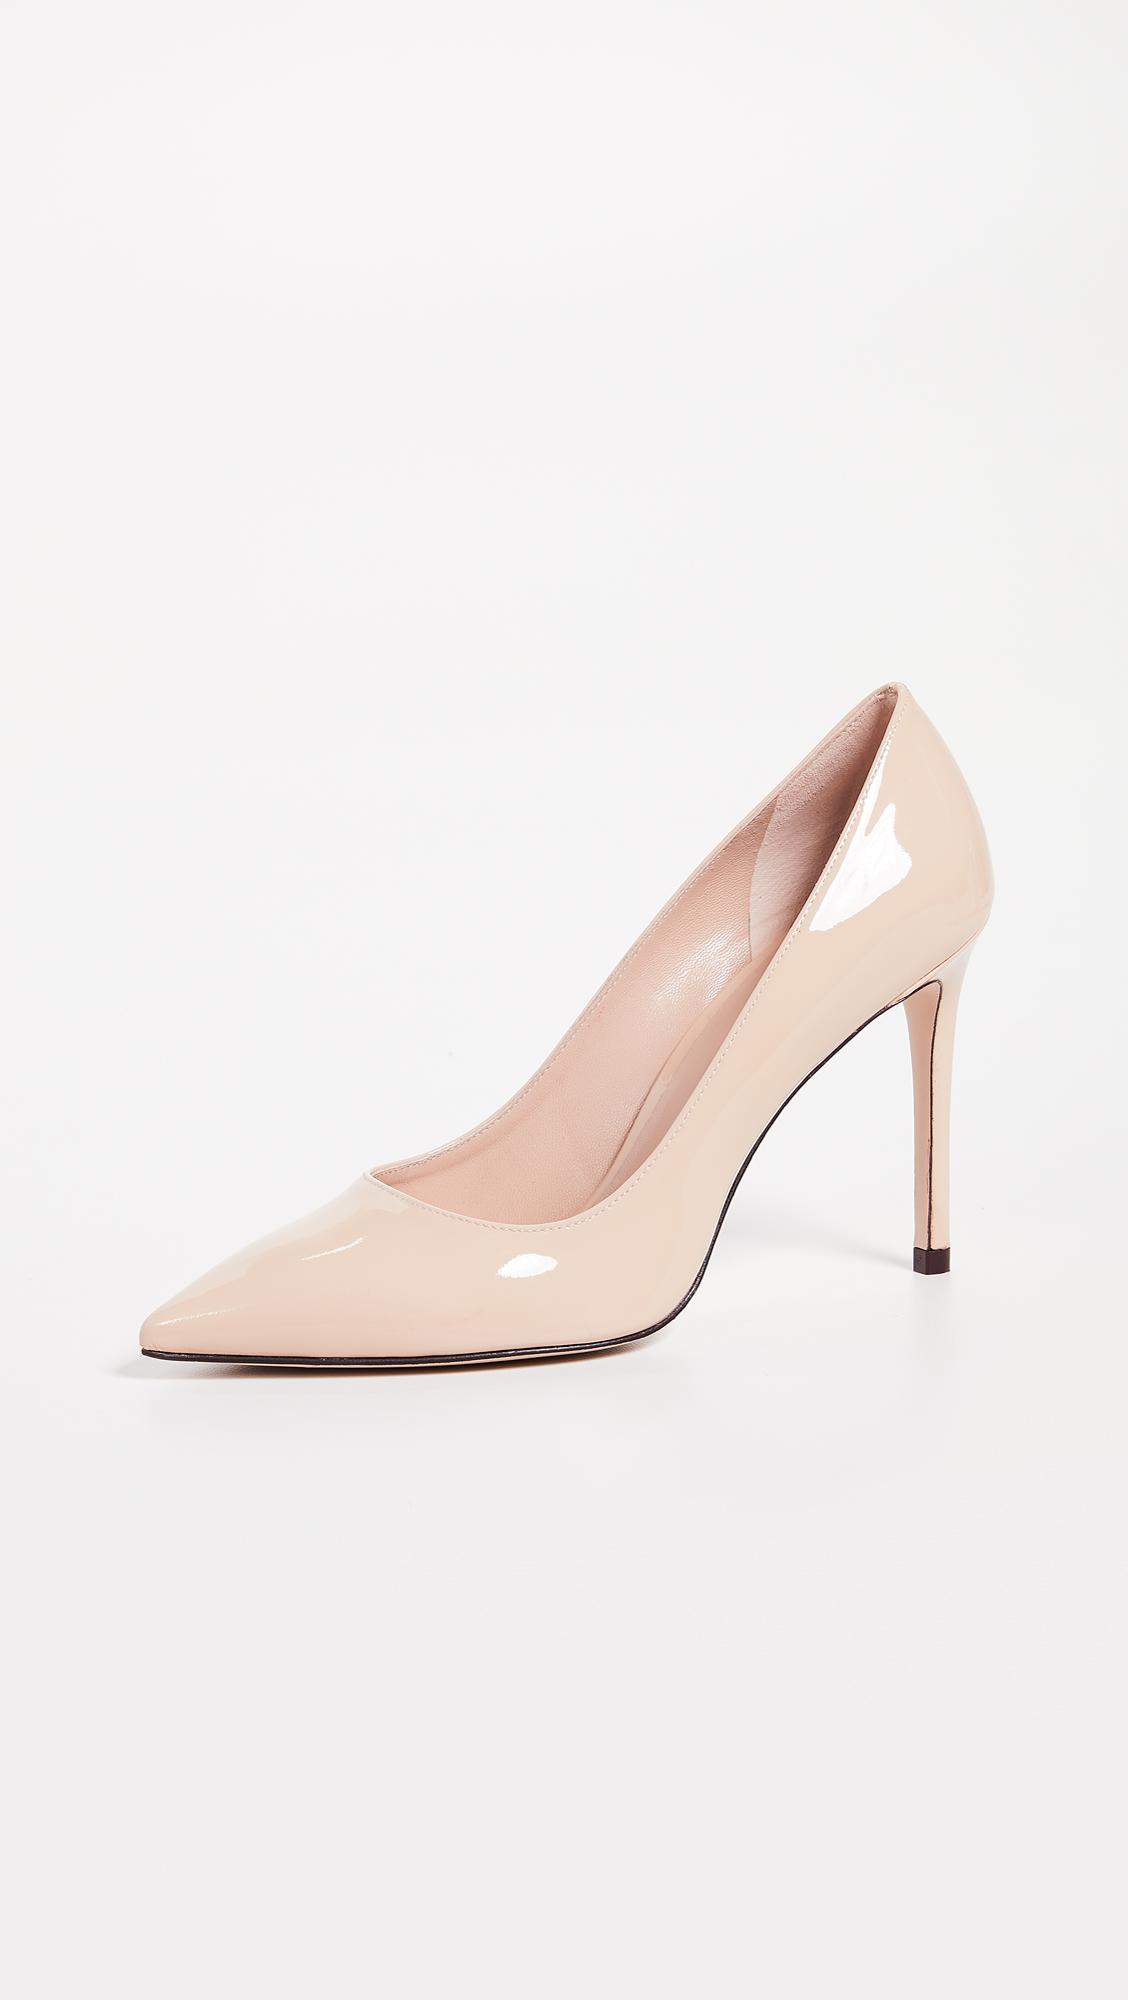 nude shoe pink high heel leigh pumps